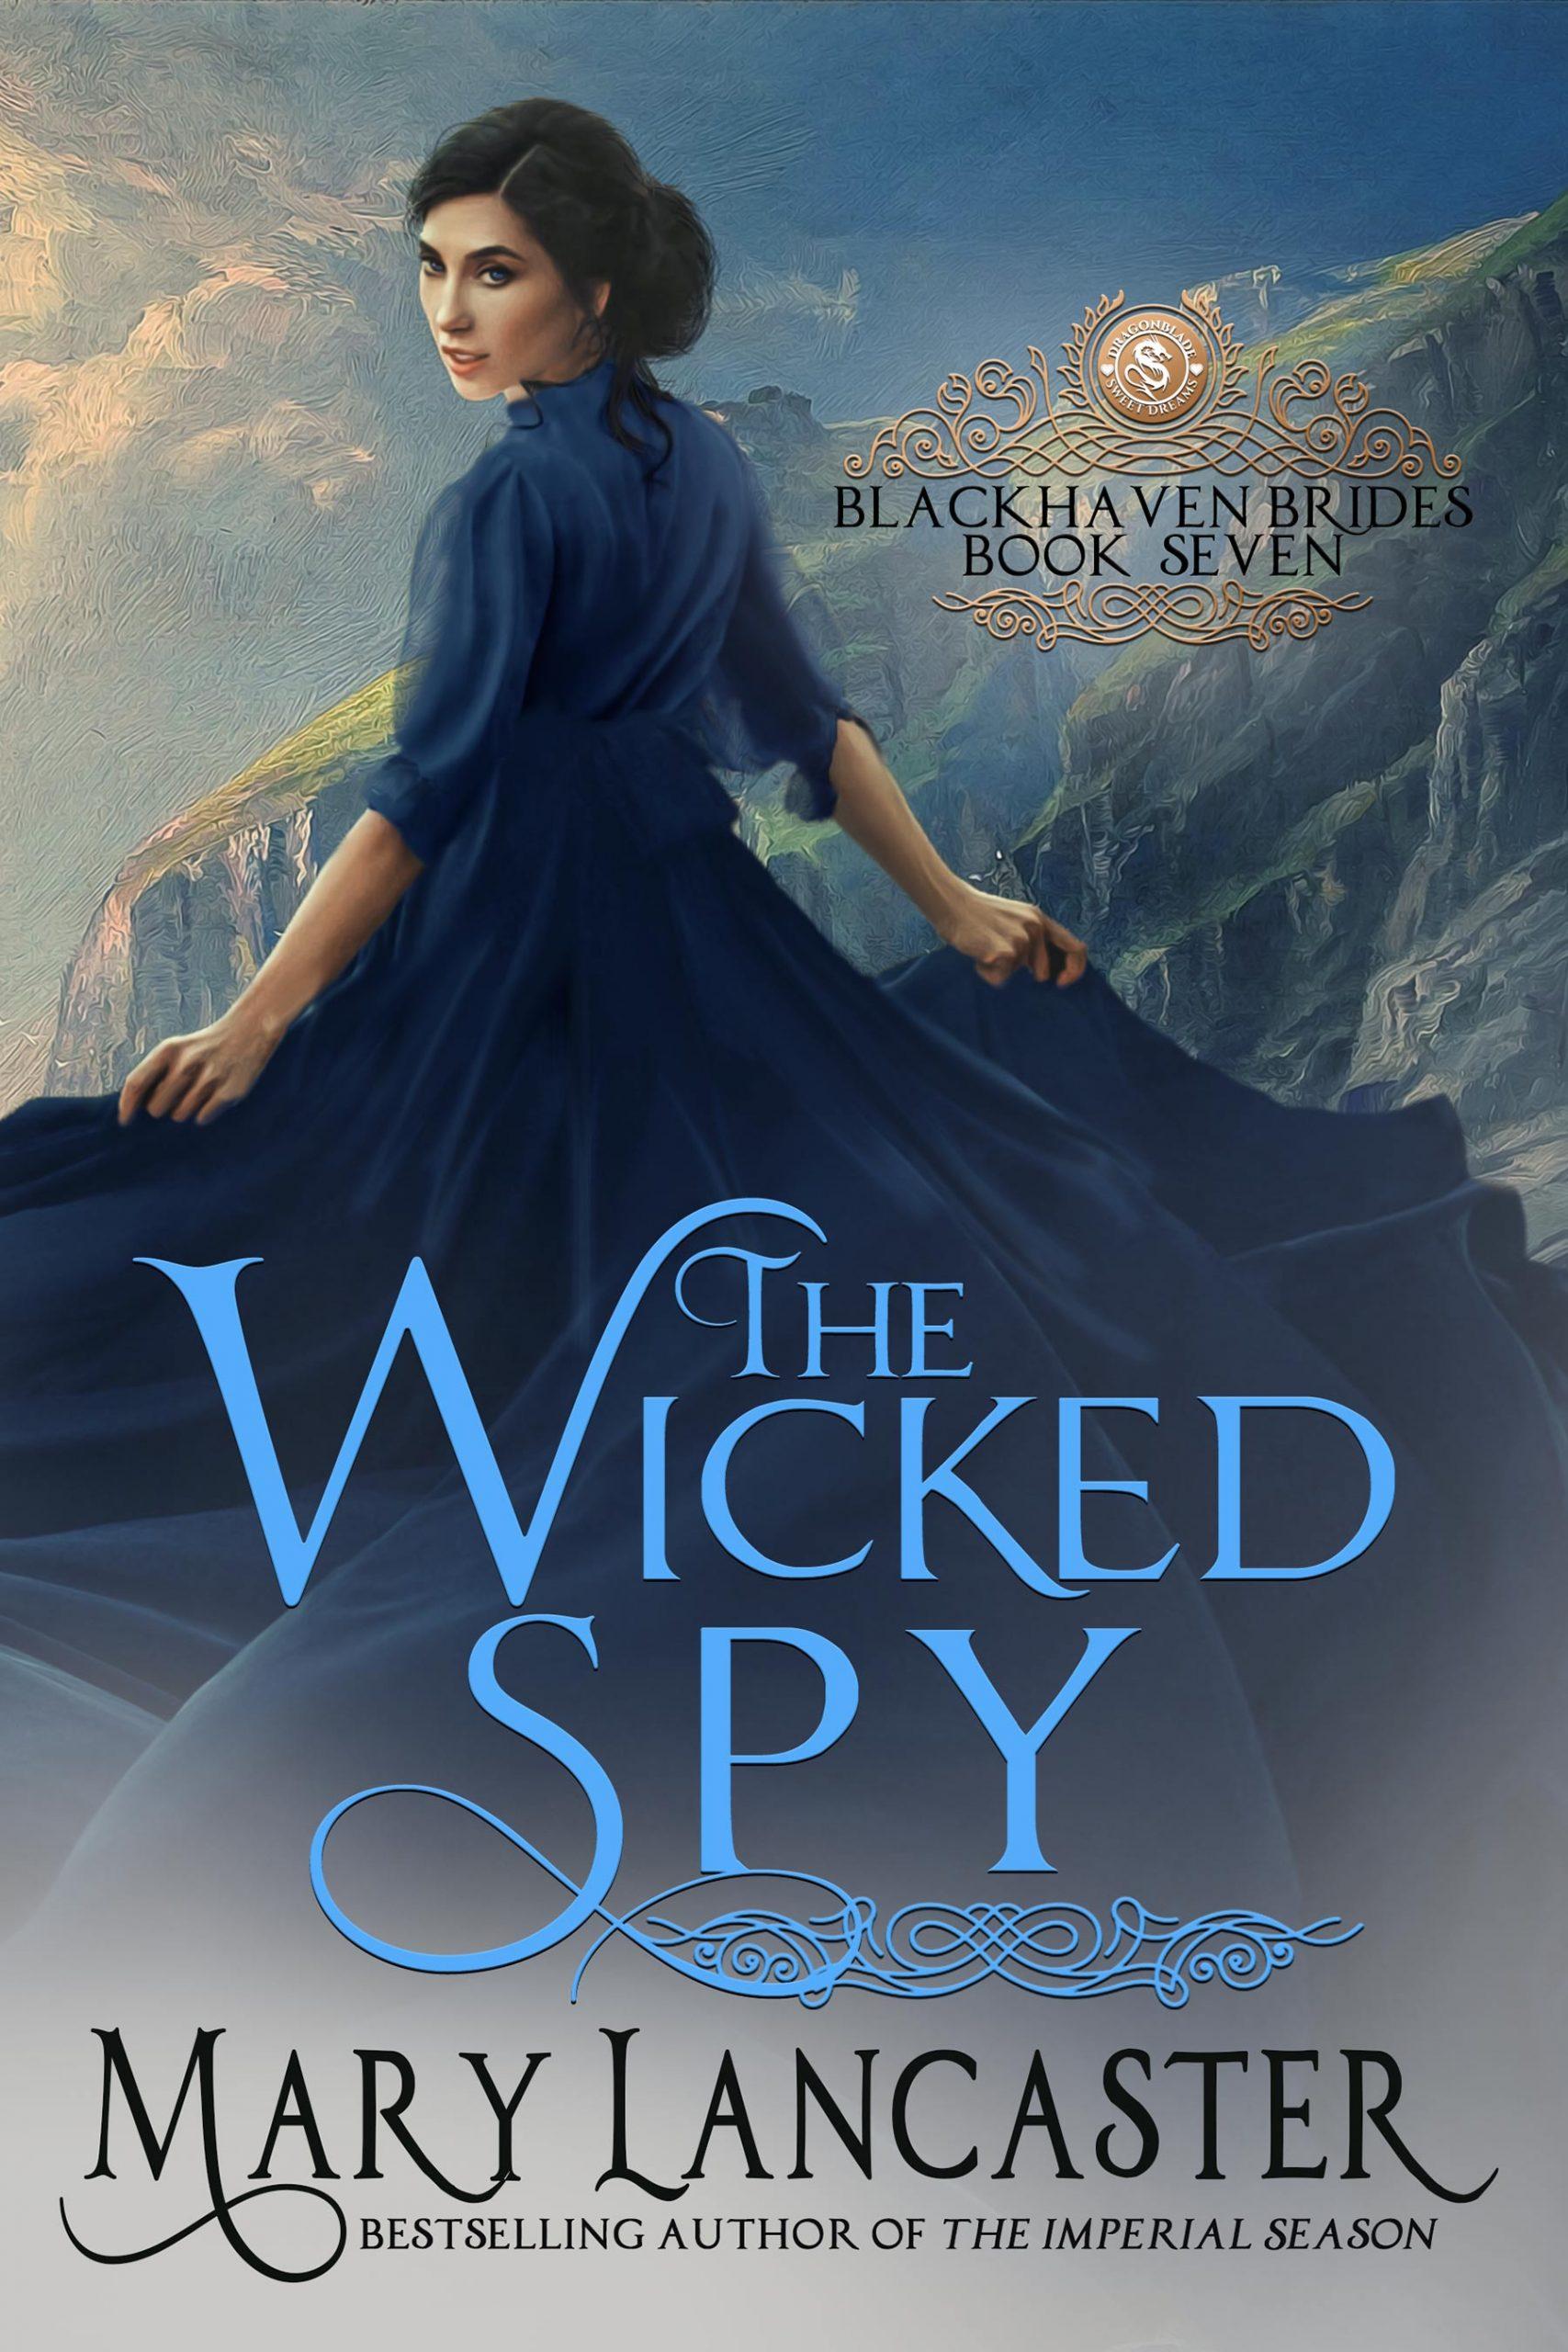 The Wicked Spy